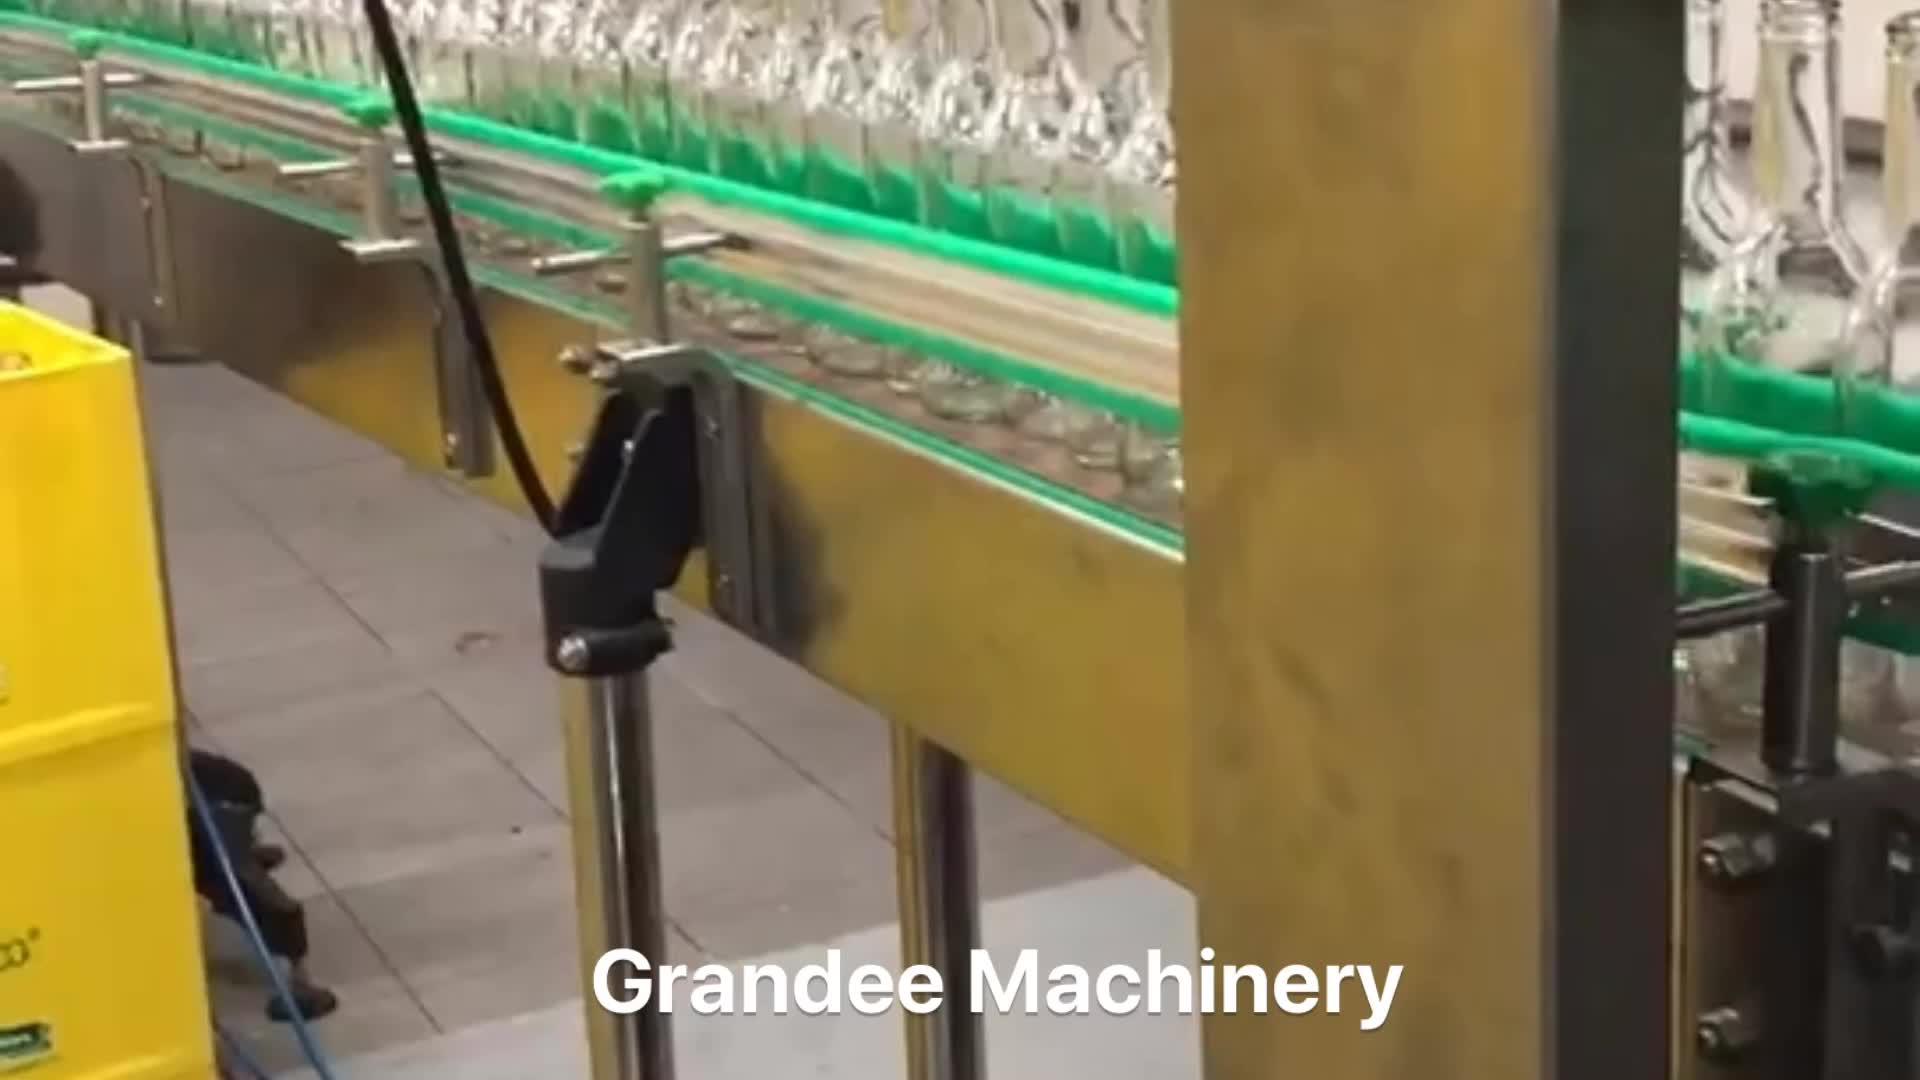 बॉटलिंग लाइन/मशीन कार्बोनेटेड शीतल पेय के लिए